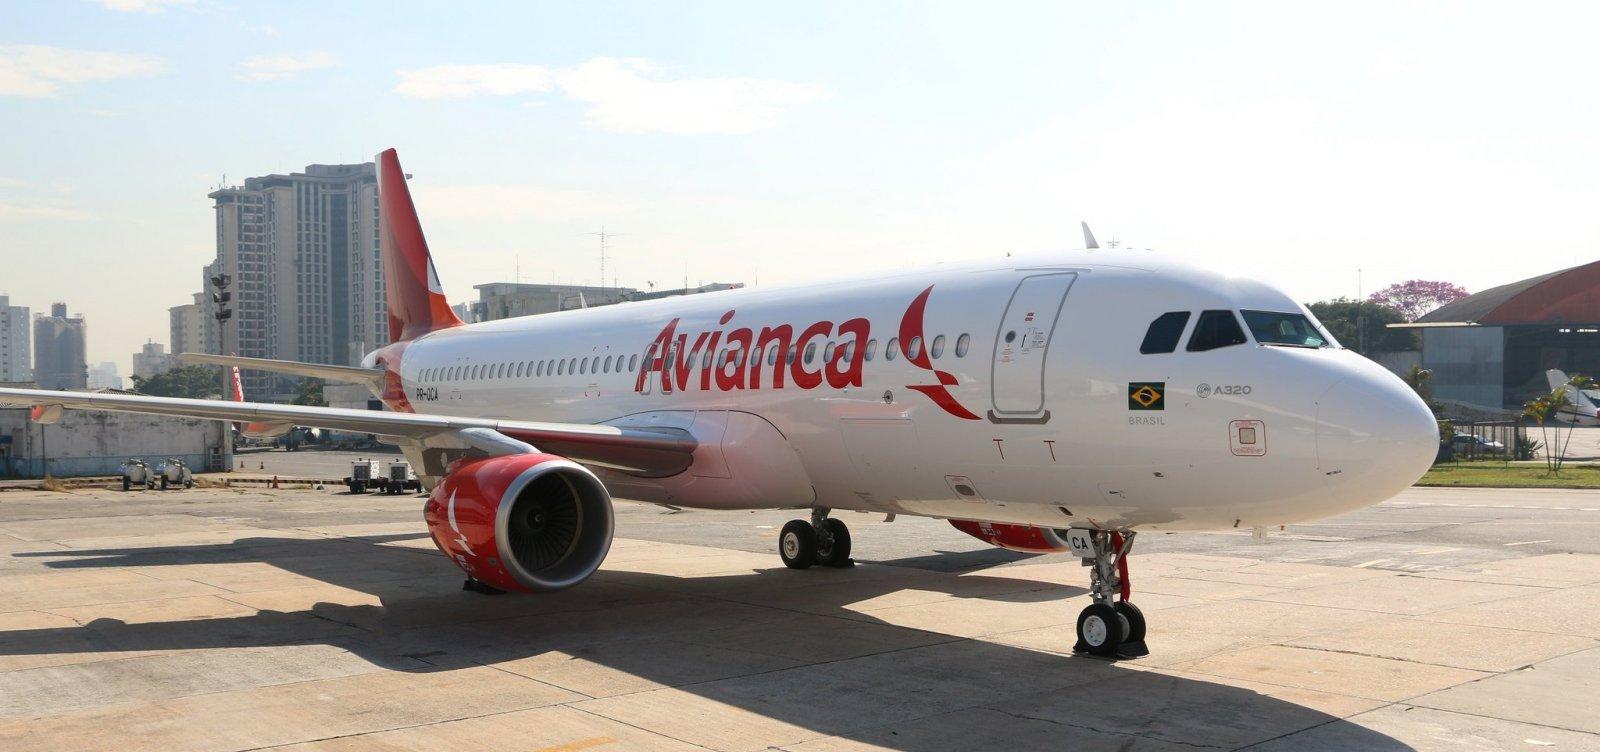 Aeroporto de Guarulhos proíbe decolagens da Avianca por falta de pagamento